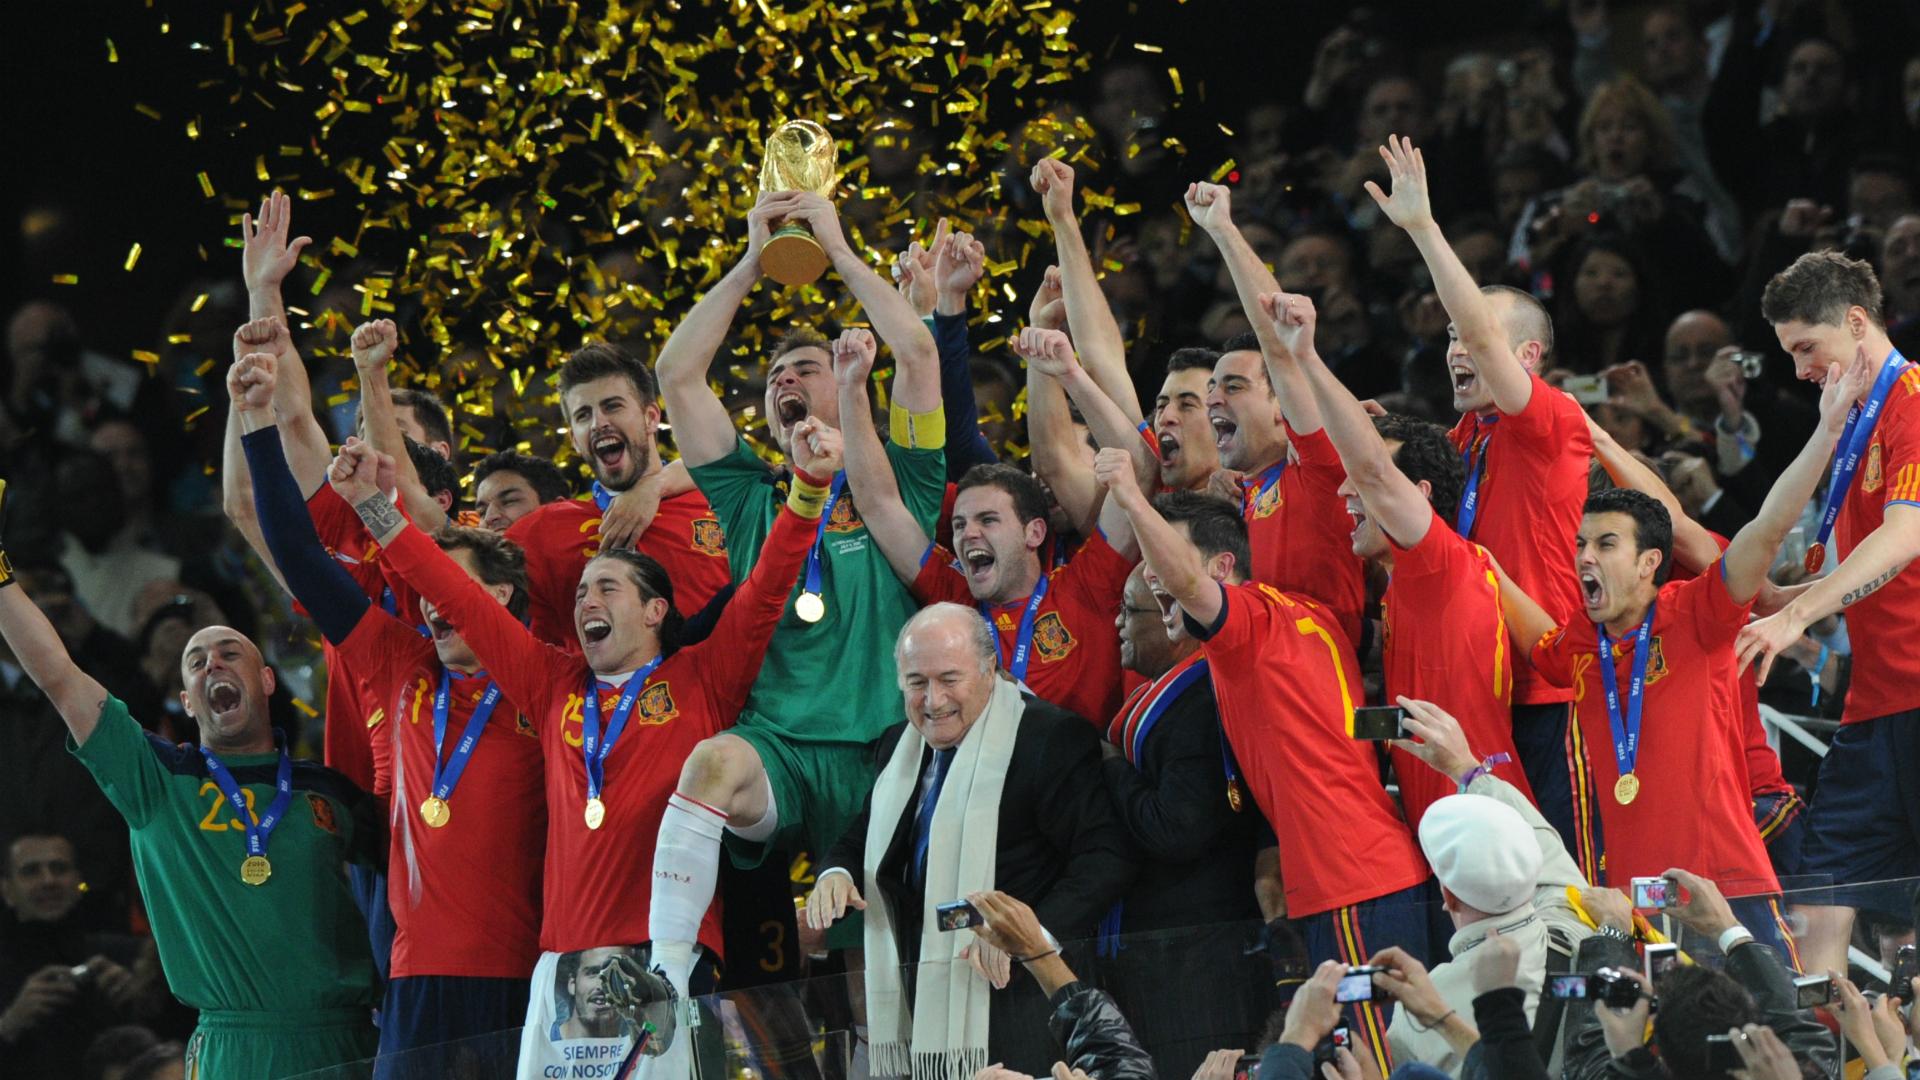 Sepp Blatter 2010 World Cup